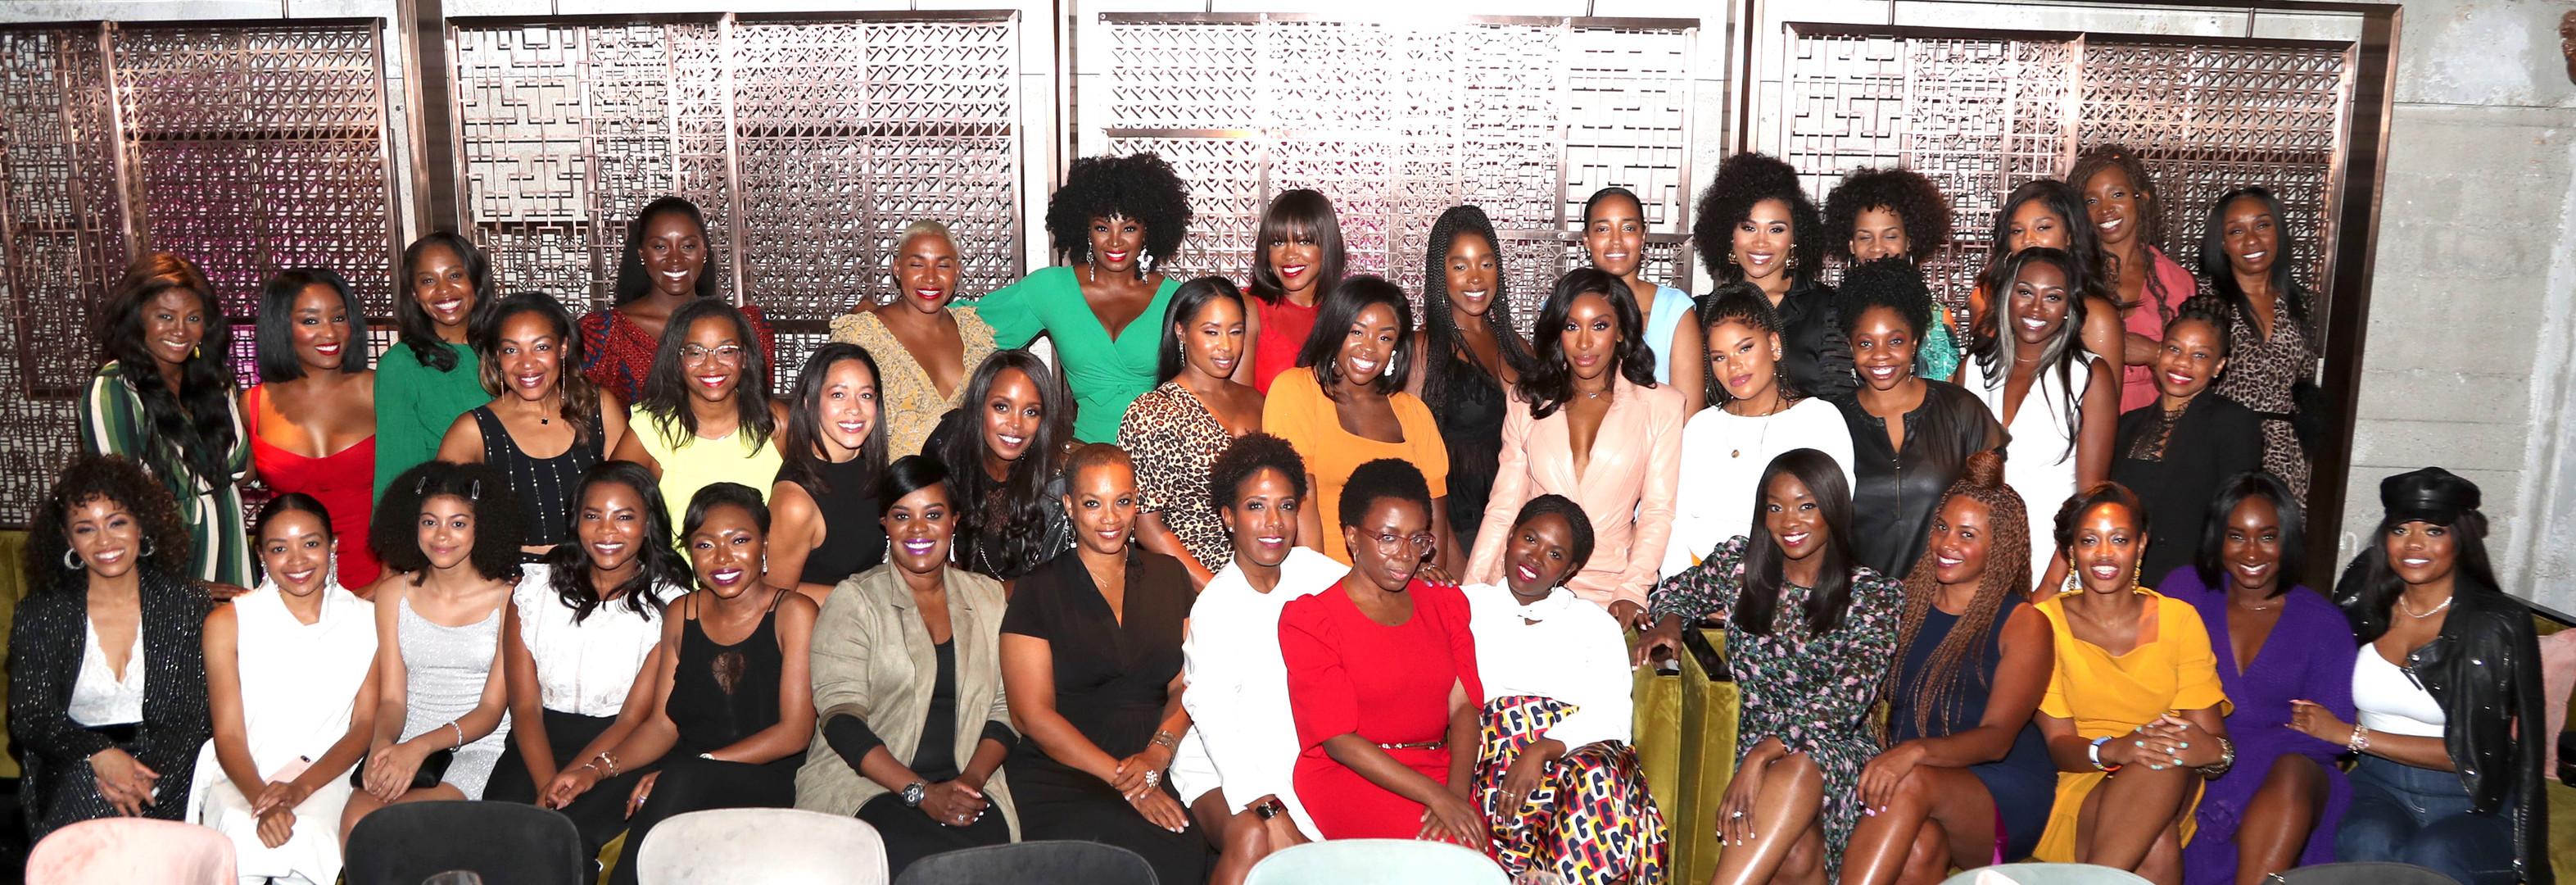 25 Black Women in Beauty